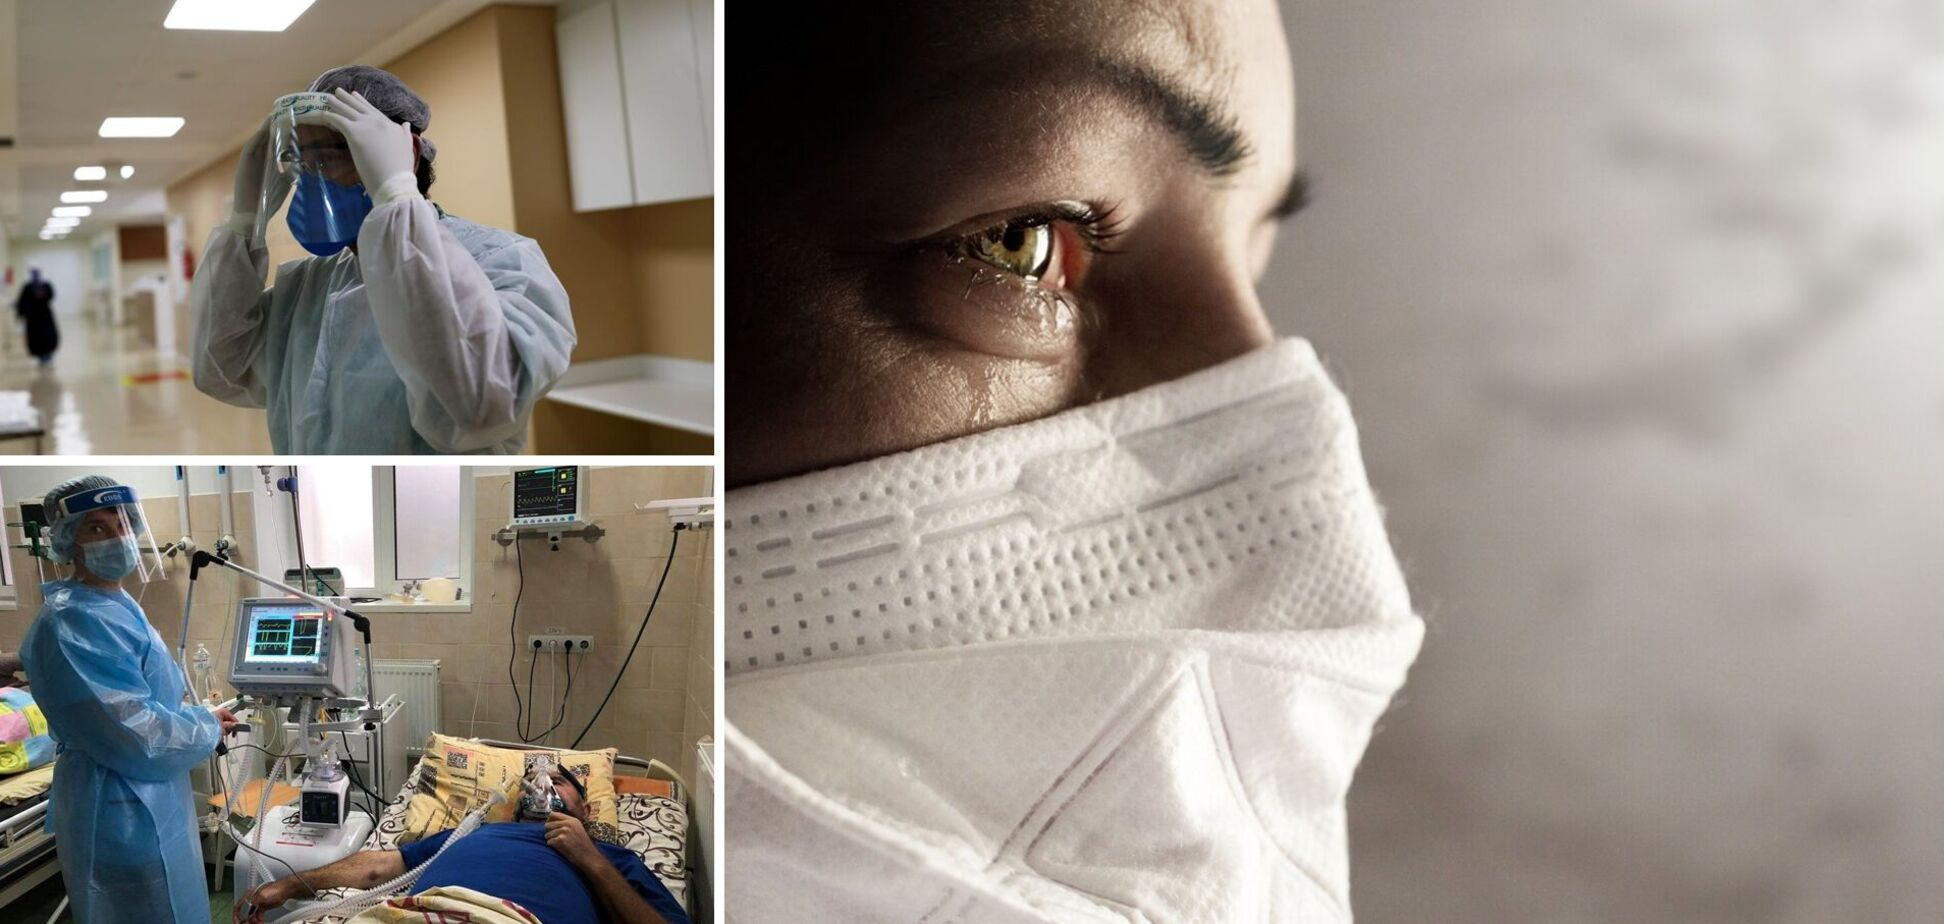 'Люди згорають за кілька днів': на Закарпатті зростає смертність від COVID-19, лікарі заговорили про новий штам